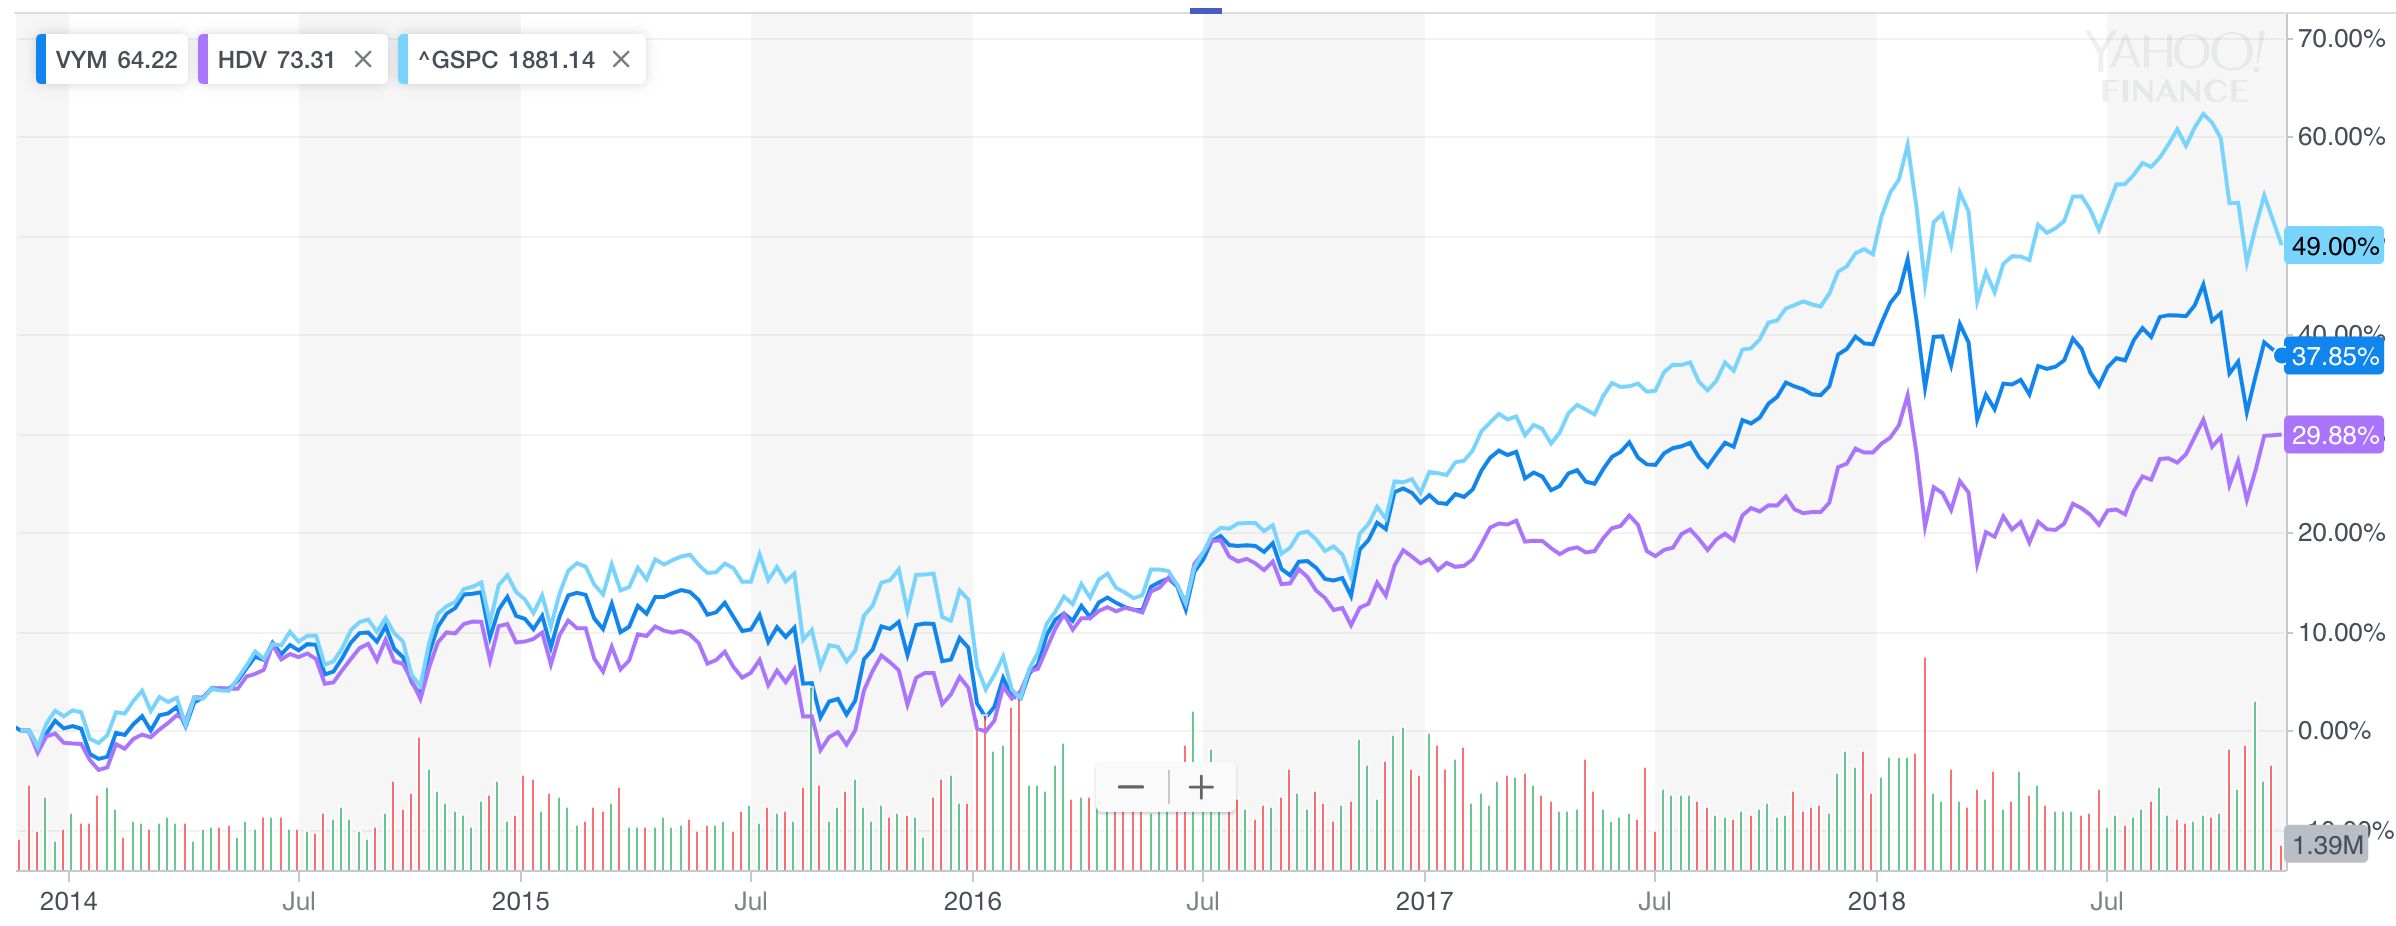 VYMのチャート比較